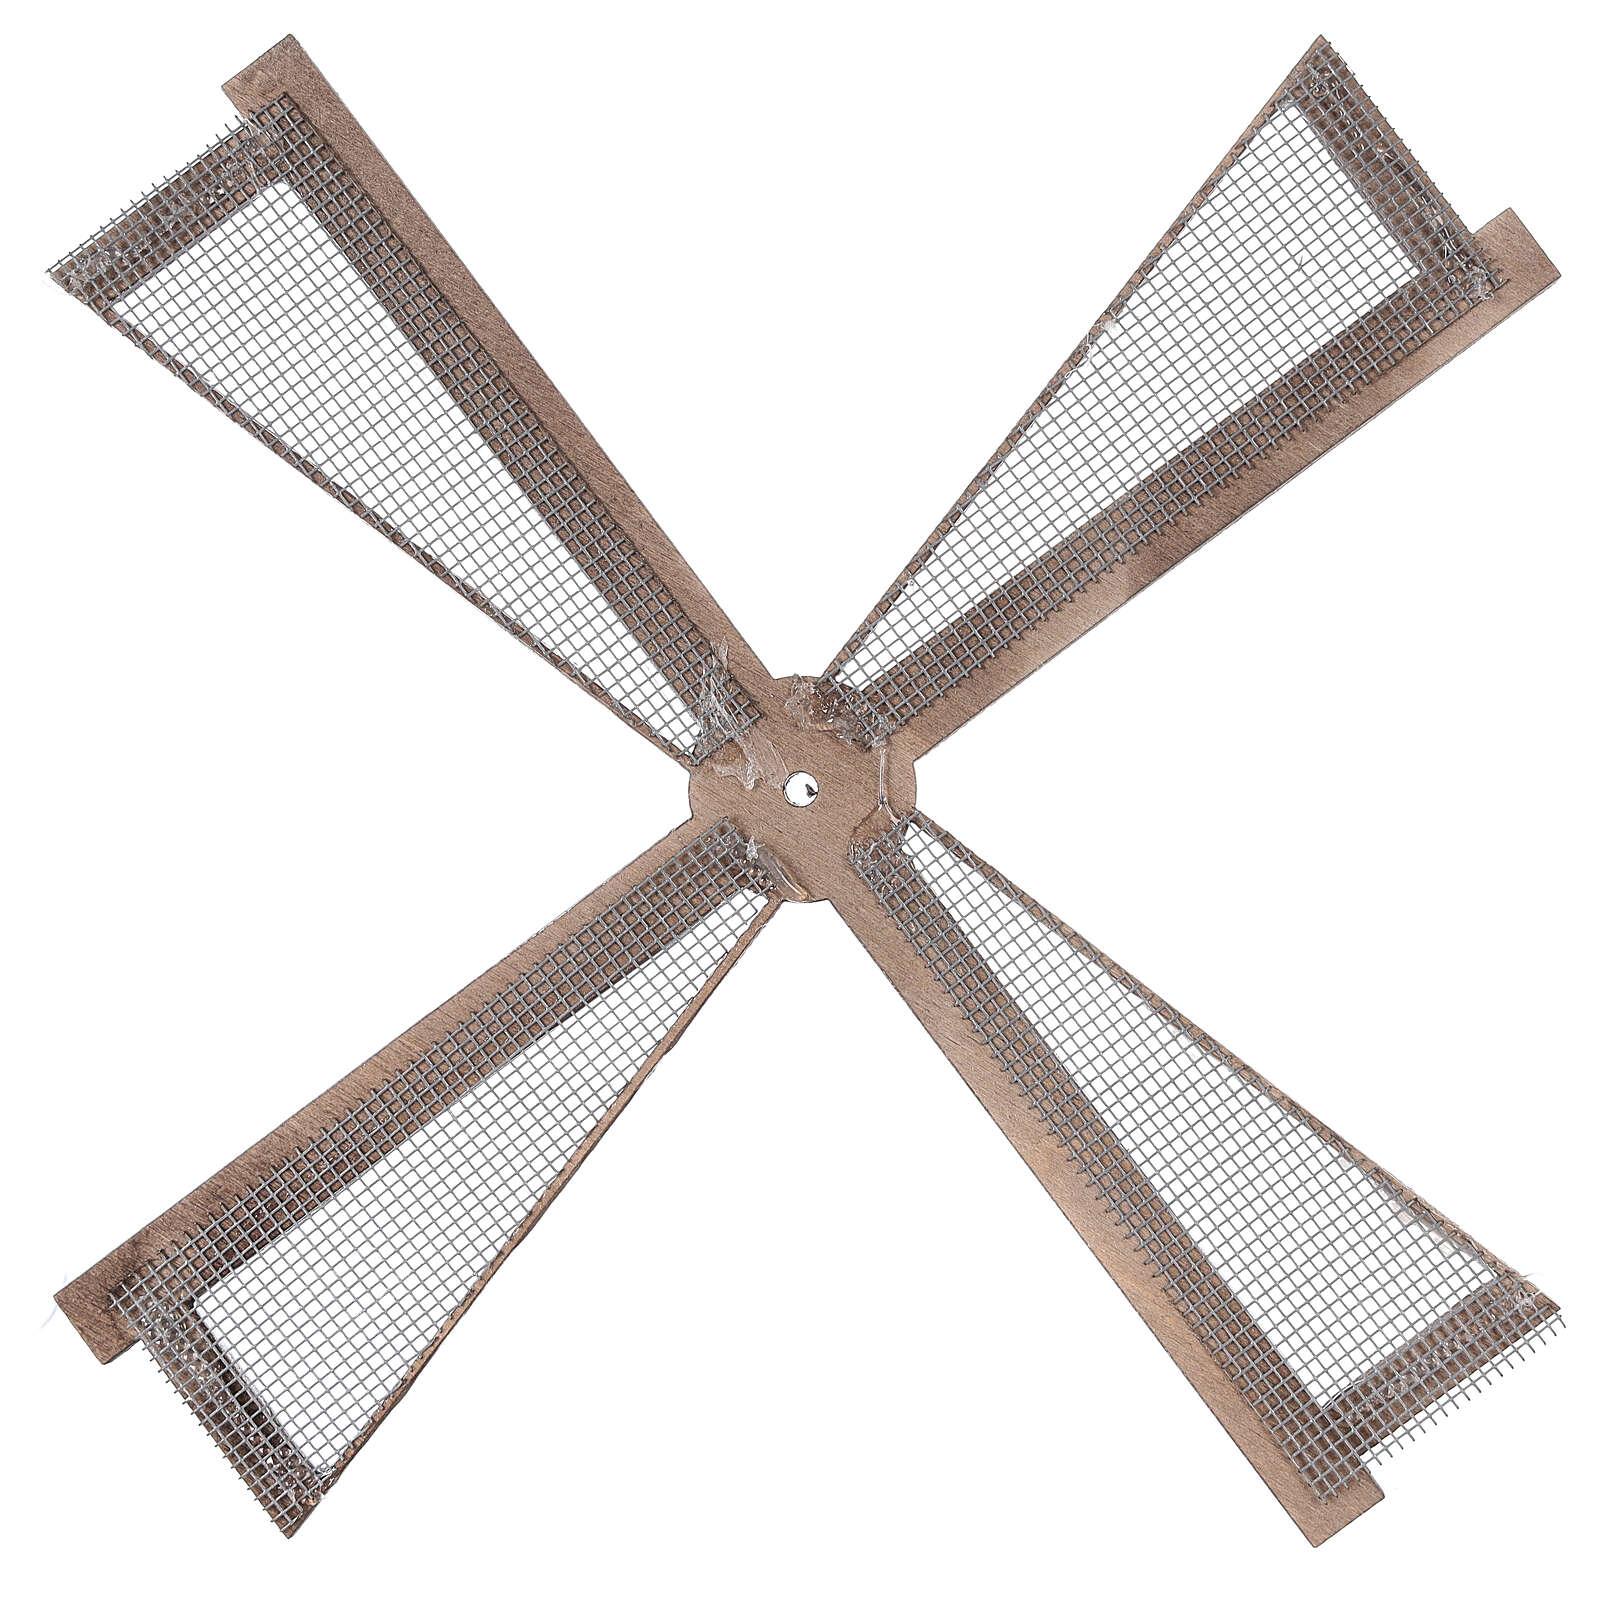 Aspa molino de viento belén estilo mediterráneo 20 cm 4